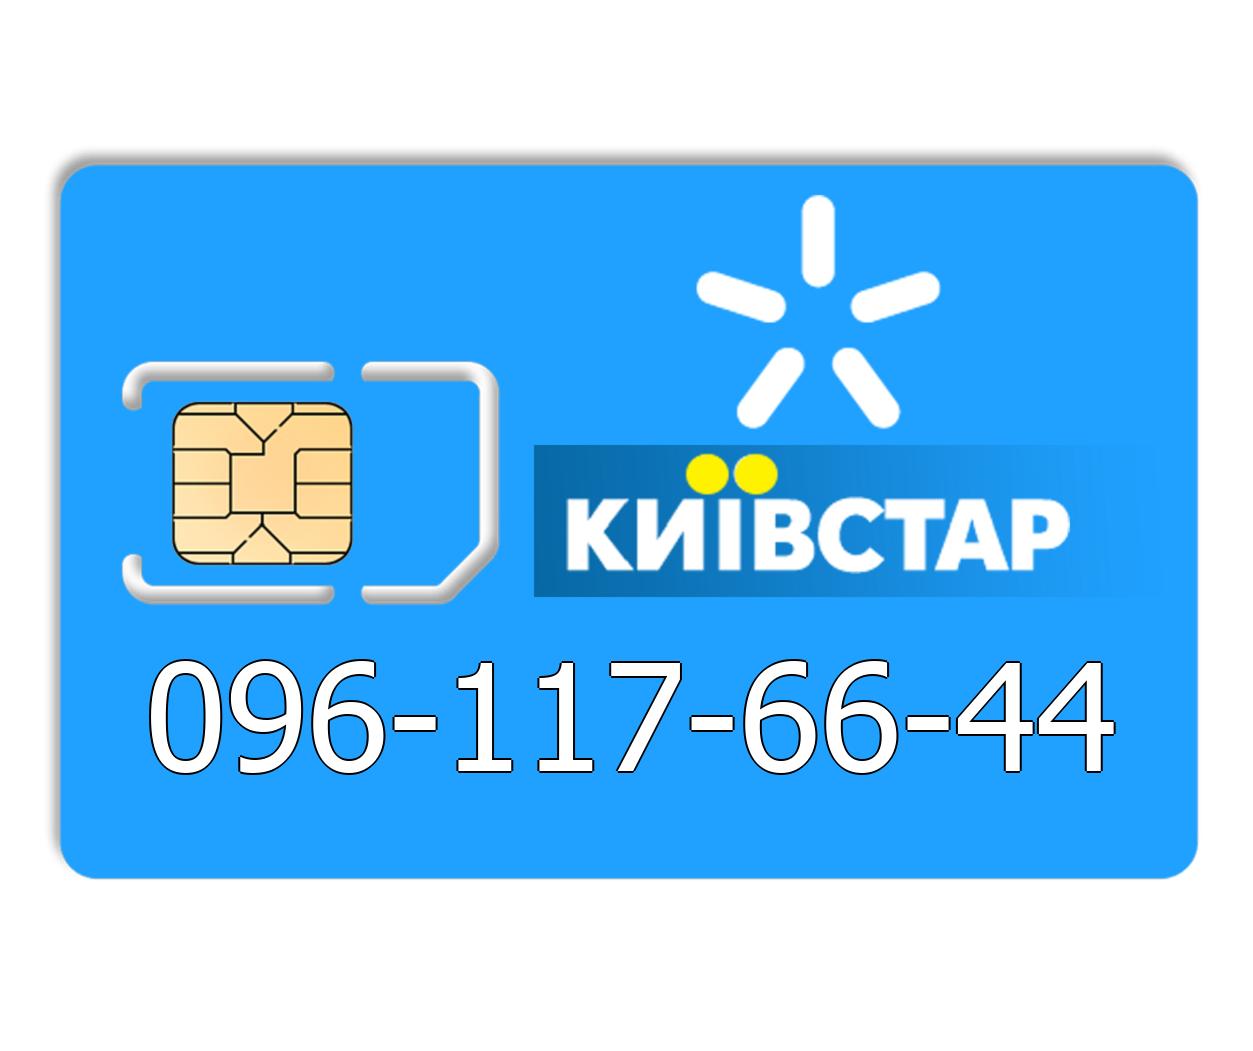 Красивый номер Киевстар 096-117-66-44